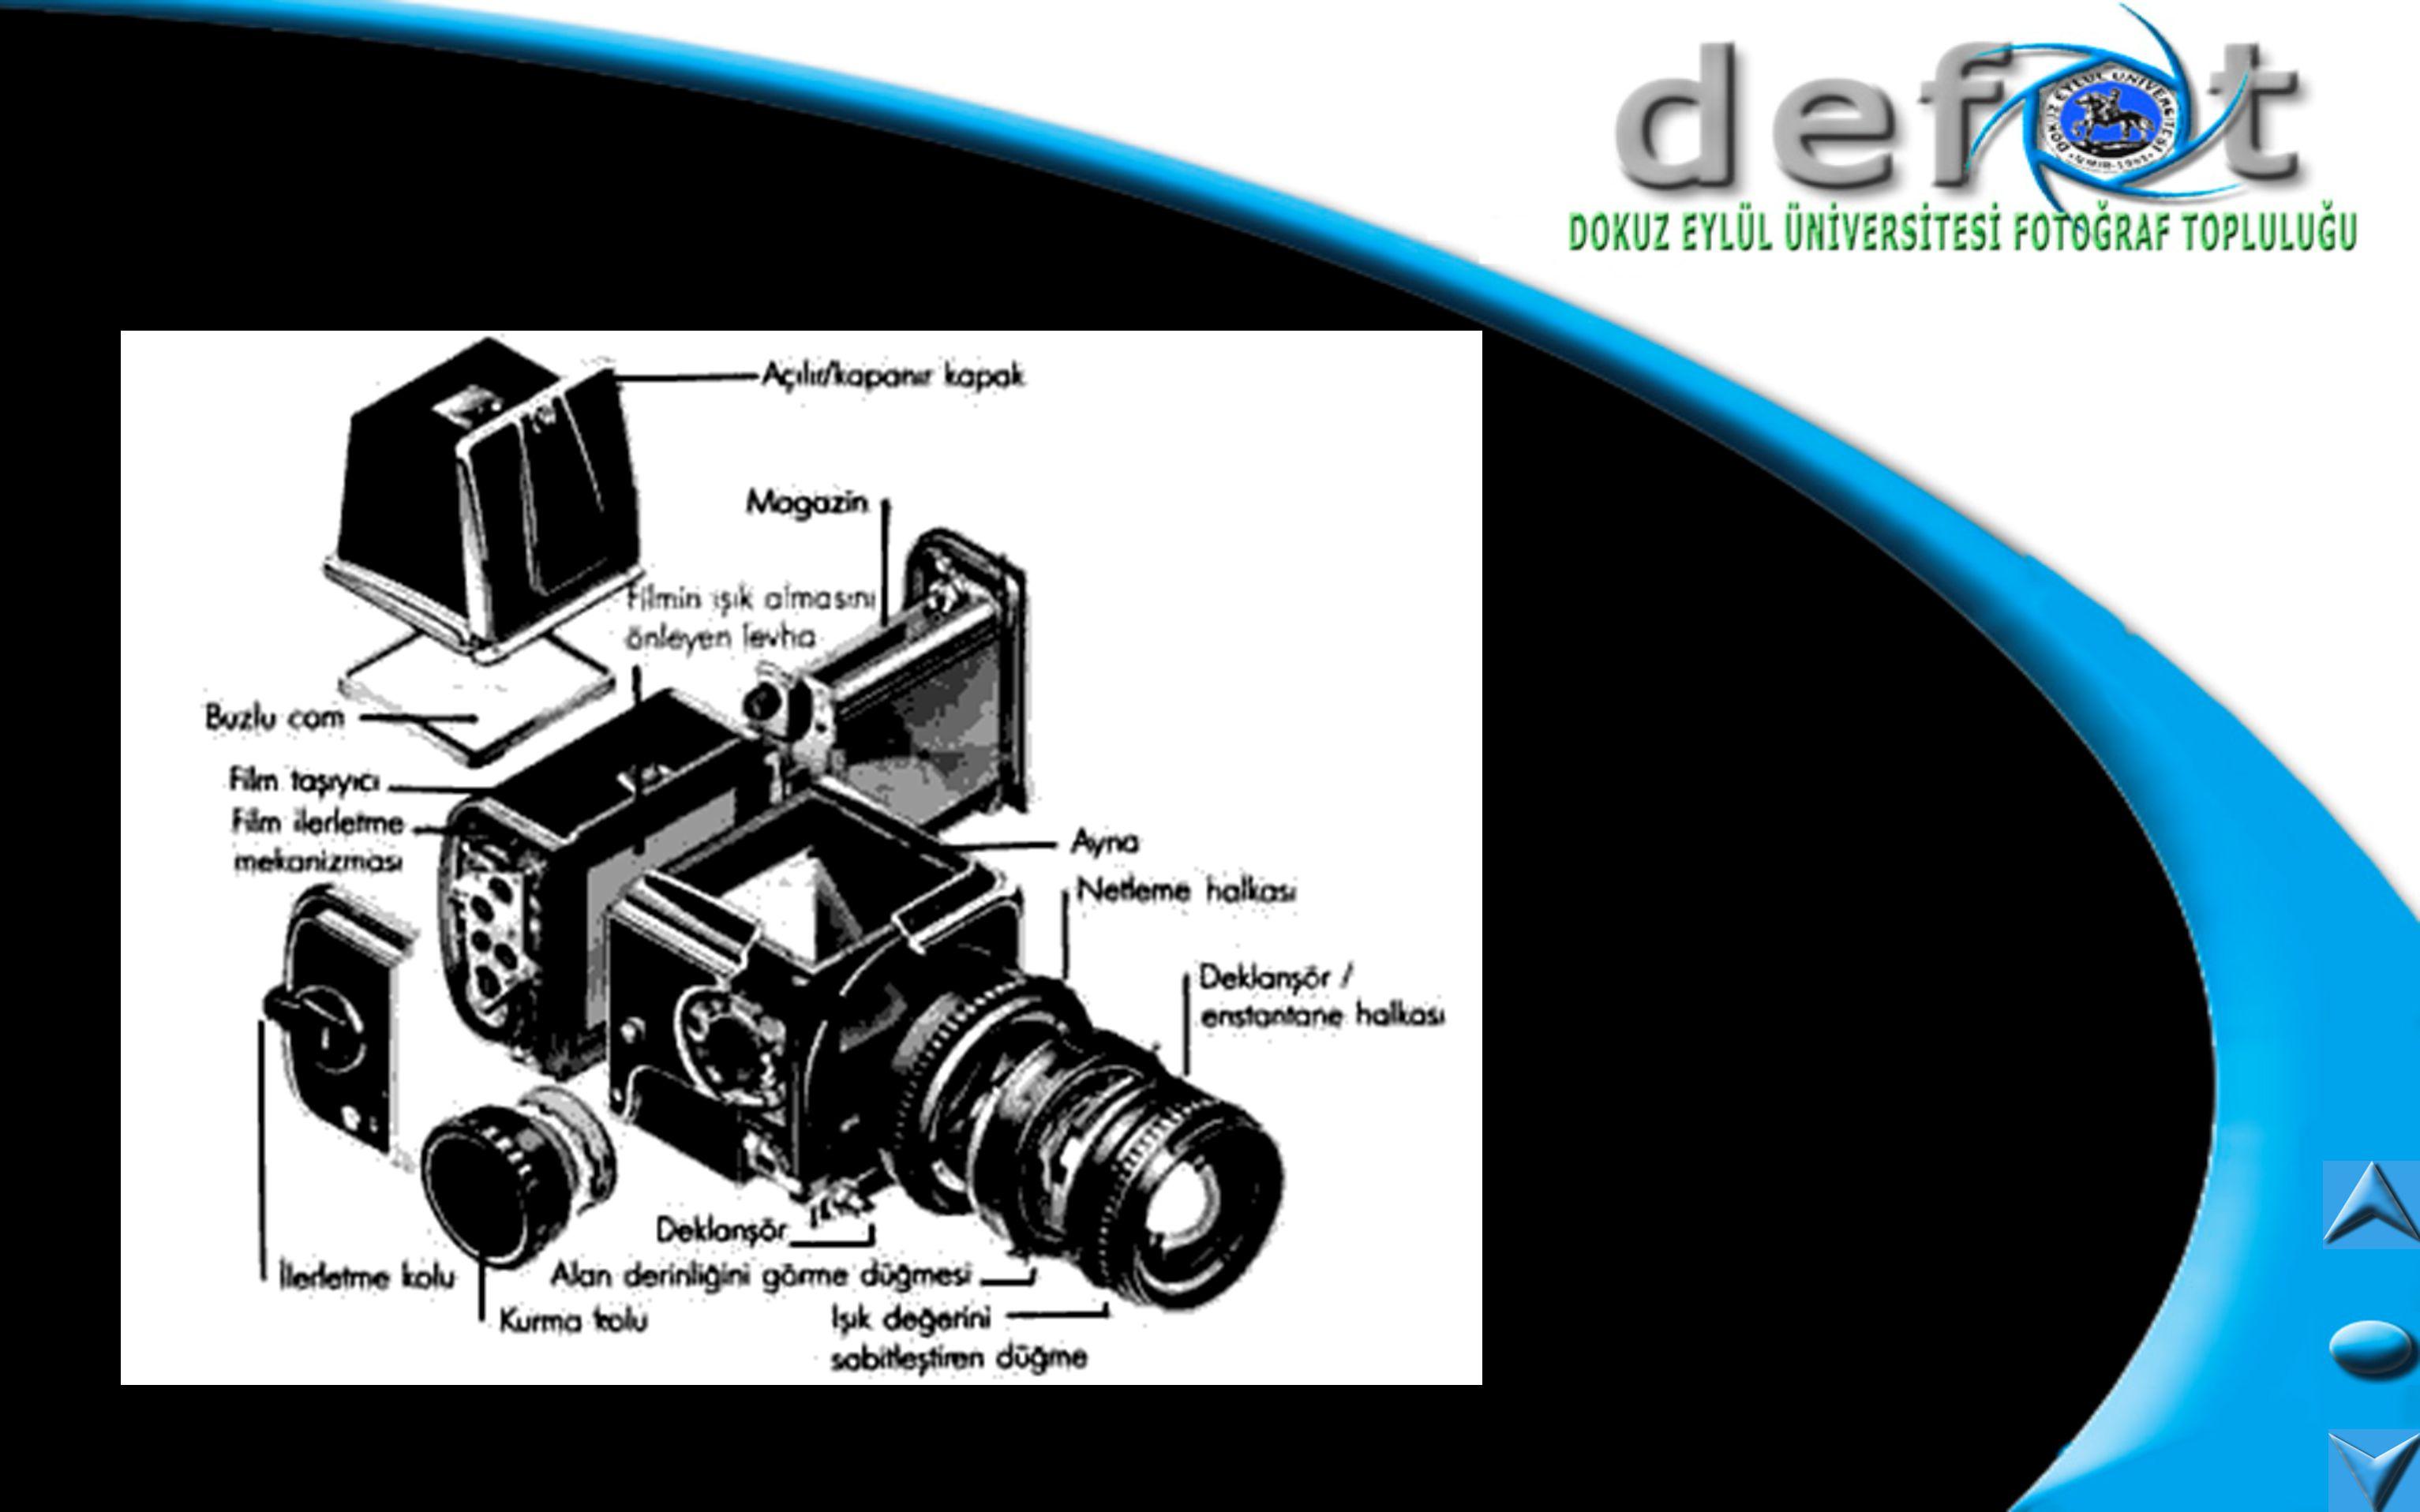 OBJEKTİF Fotoğraf makinasının en önemli parçası olan objektiflerin hepsi aynı optik kurallarına uygun olacak şekilde bir veya birden fazla mercekten ibarettir.